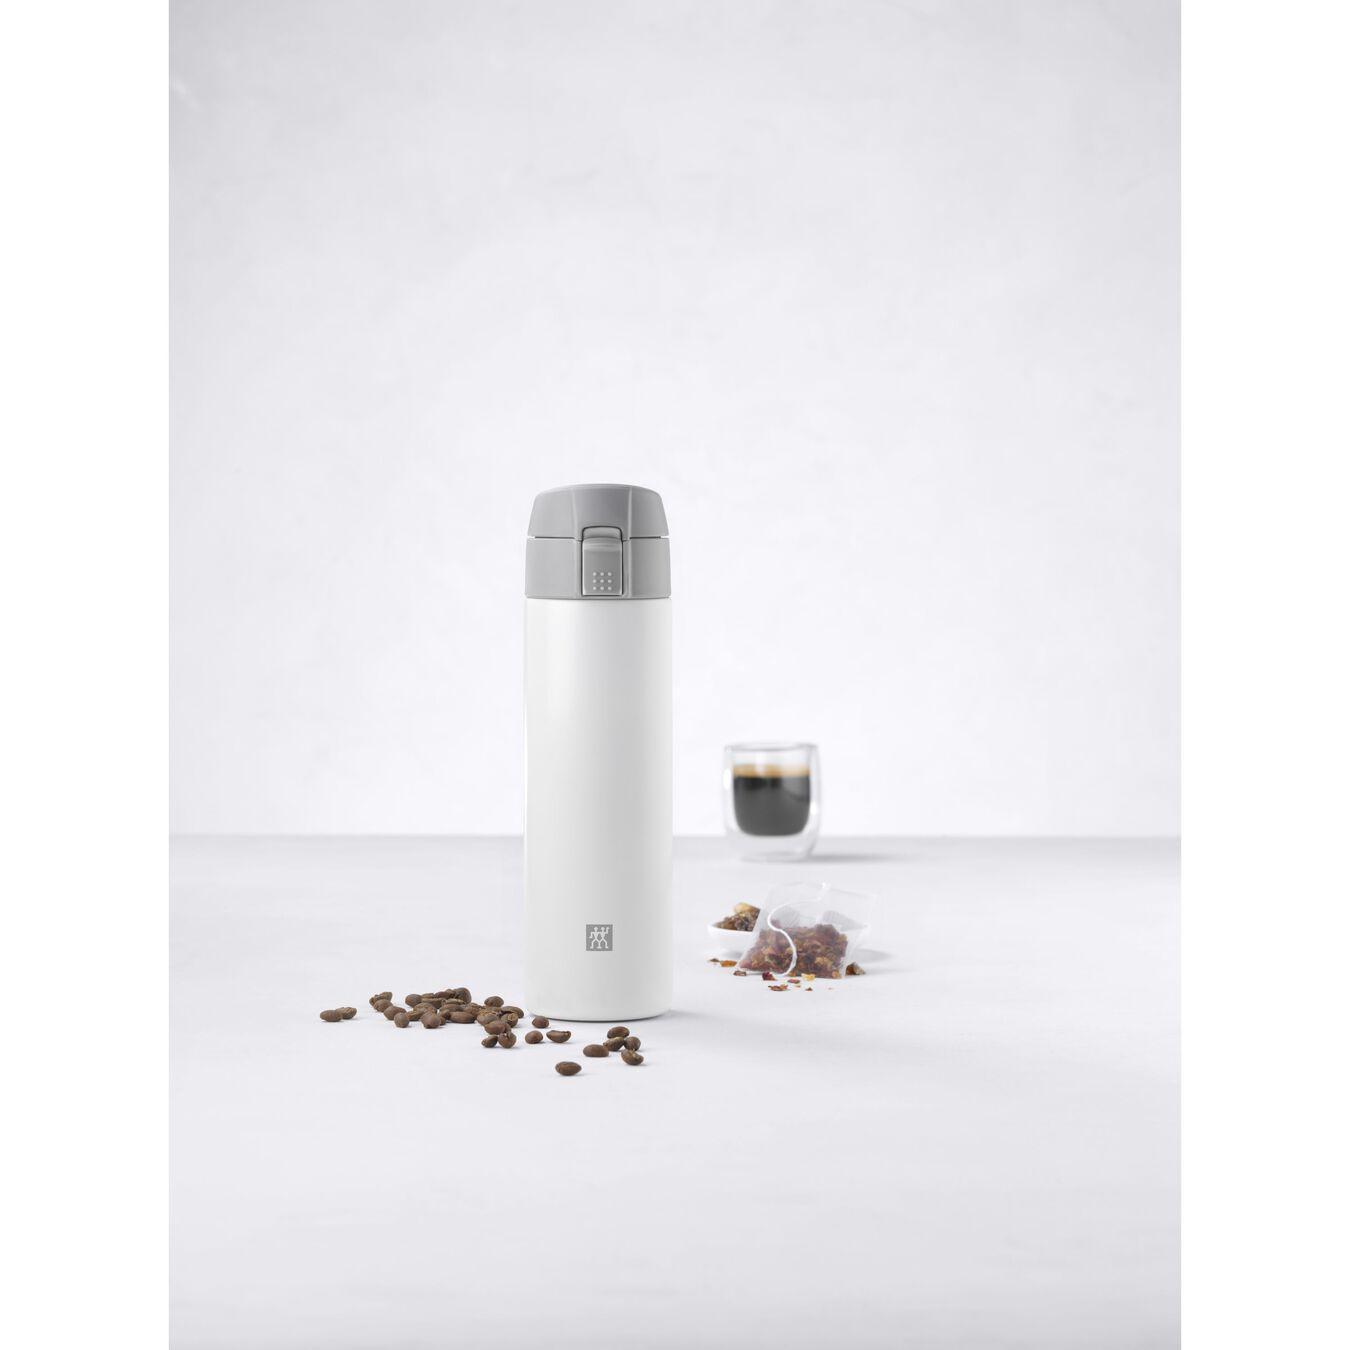 15.2 oz. Travel Bottle,,large 5